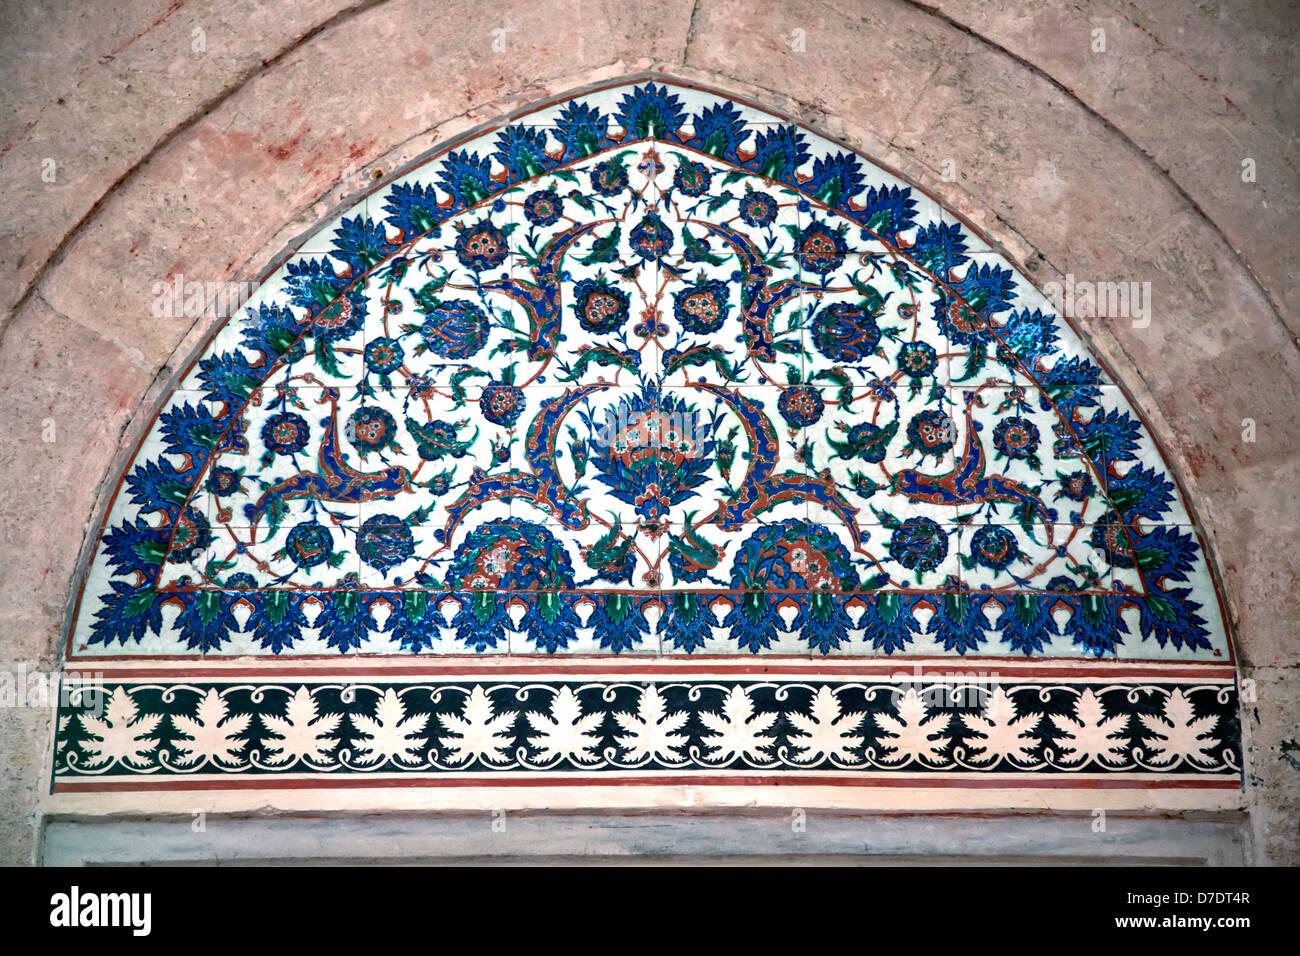 Iznik dettaglio di piastrelle da parete della moschea selimiye